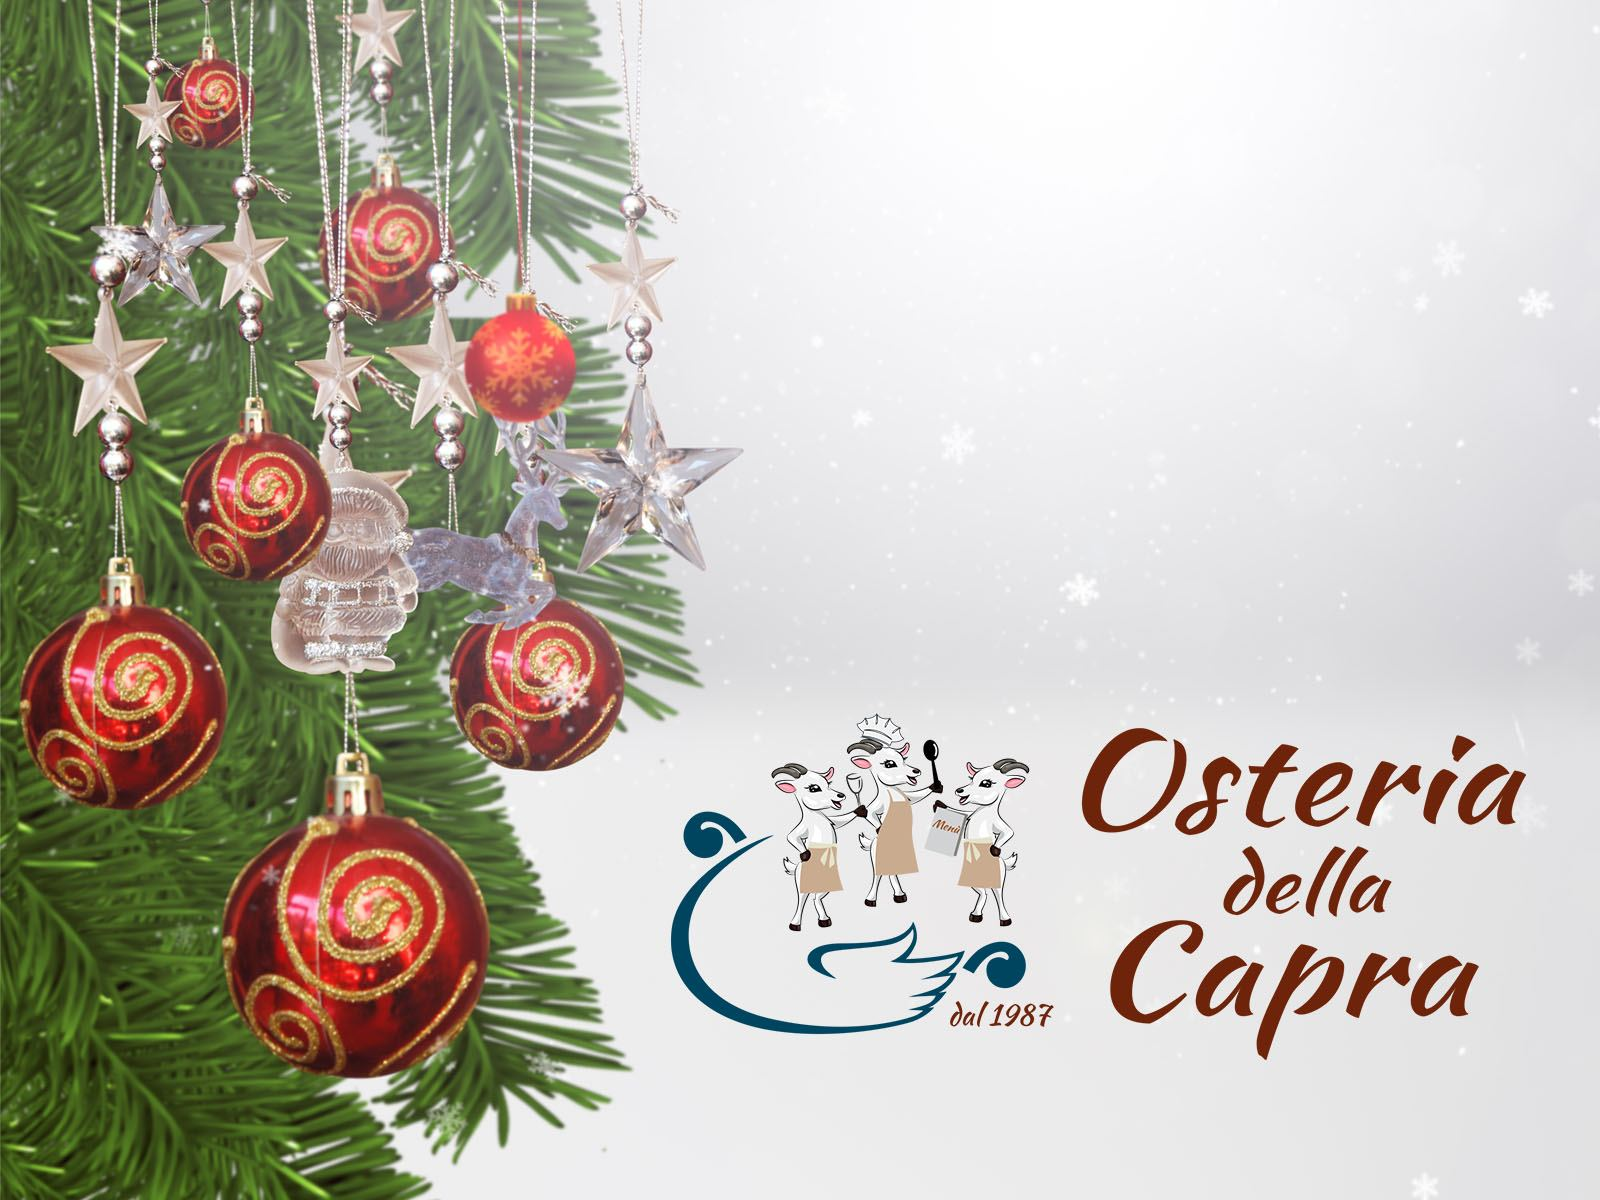 Buon Natale! Osteria Della Capra